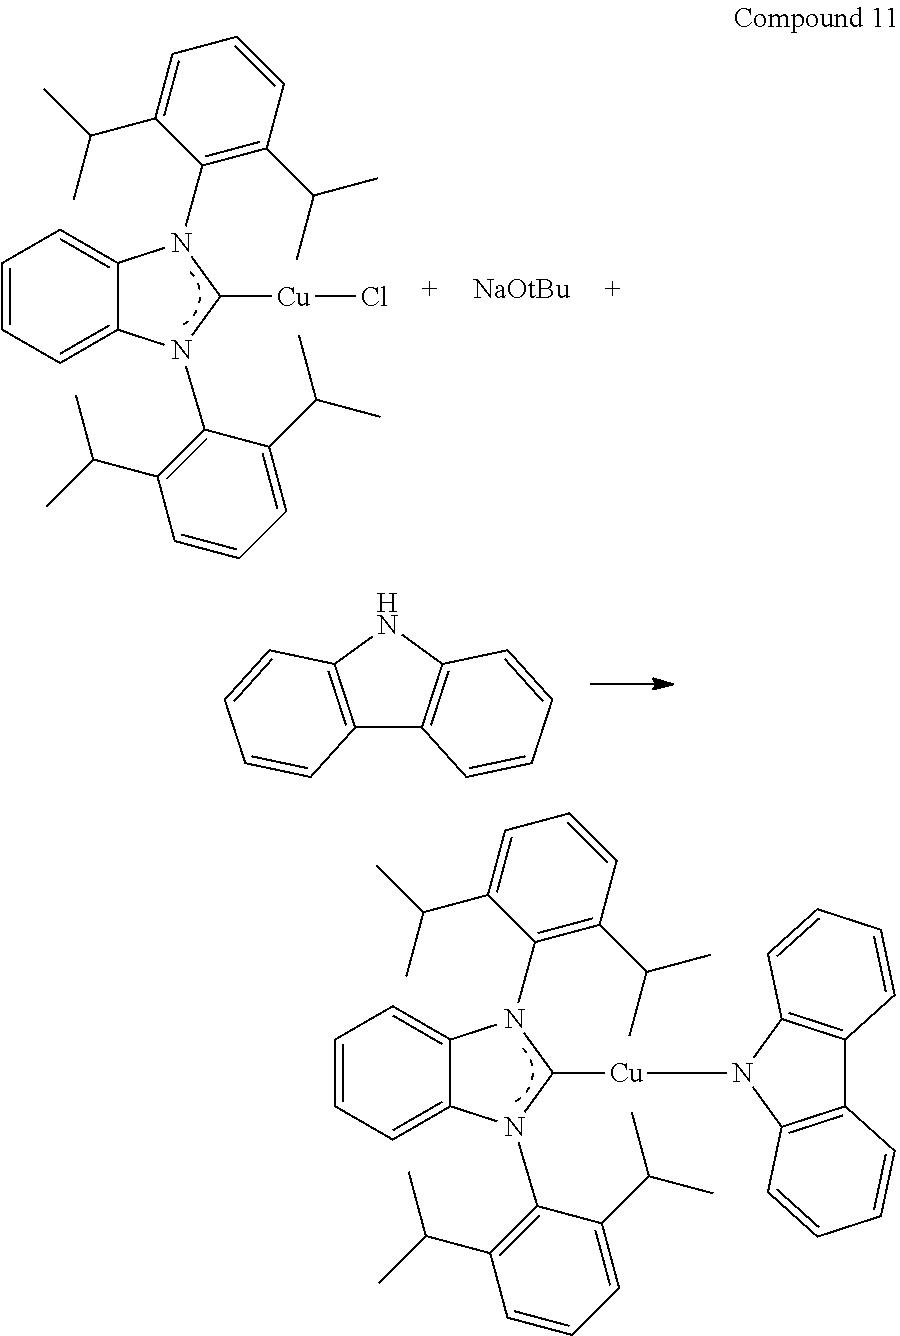 Figure US20190161504A1-20190530-C00102